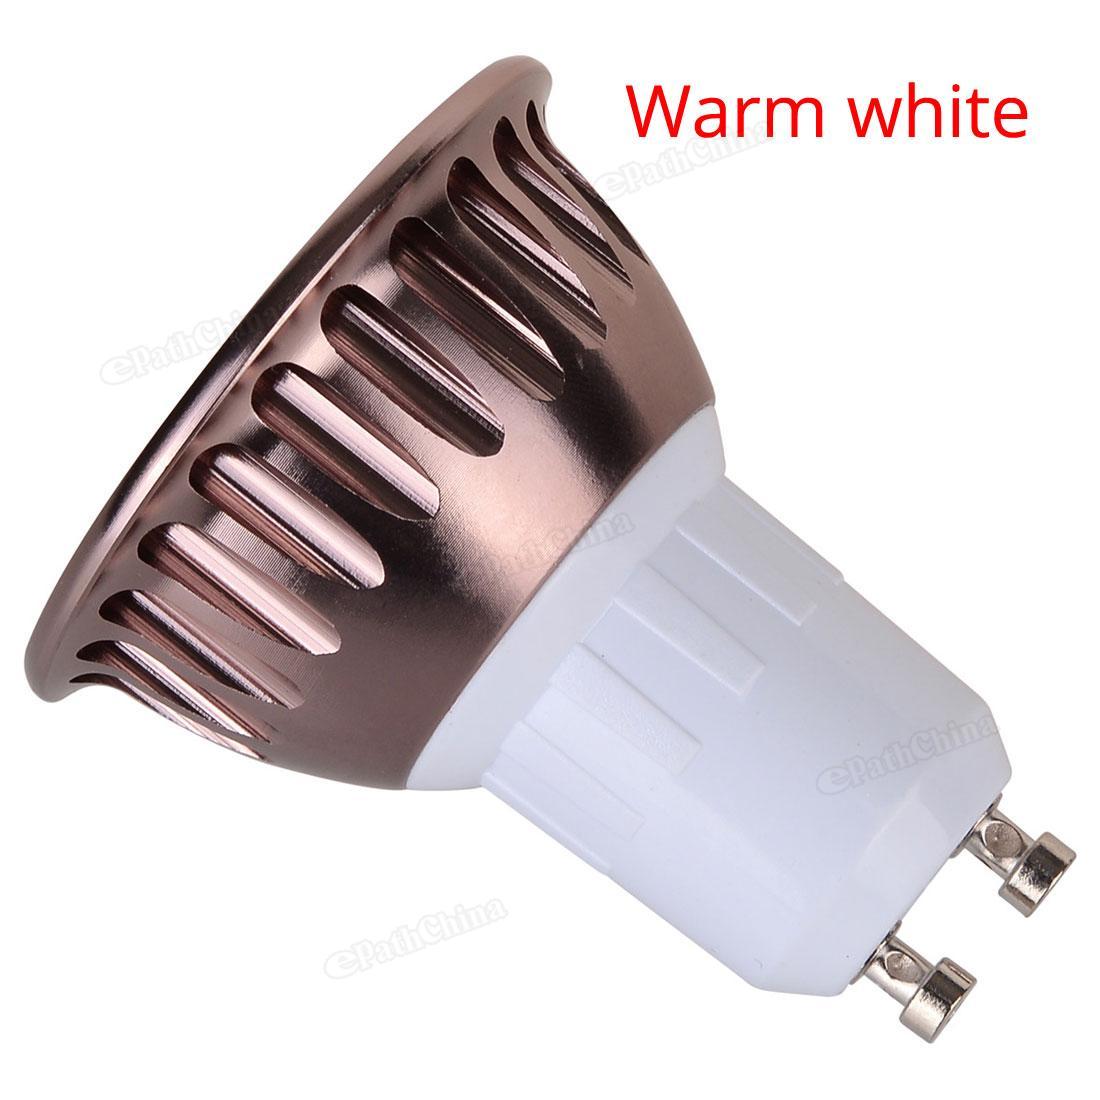 Dimmable GU10 720 800LM 9W LED Light Bulb Warm White White Light COB Spotlight Lamp Downlight 110V 220V in LED Bulbs Tubes from Lights Lighting